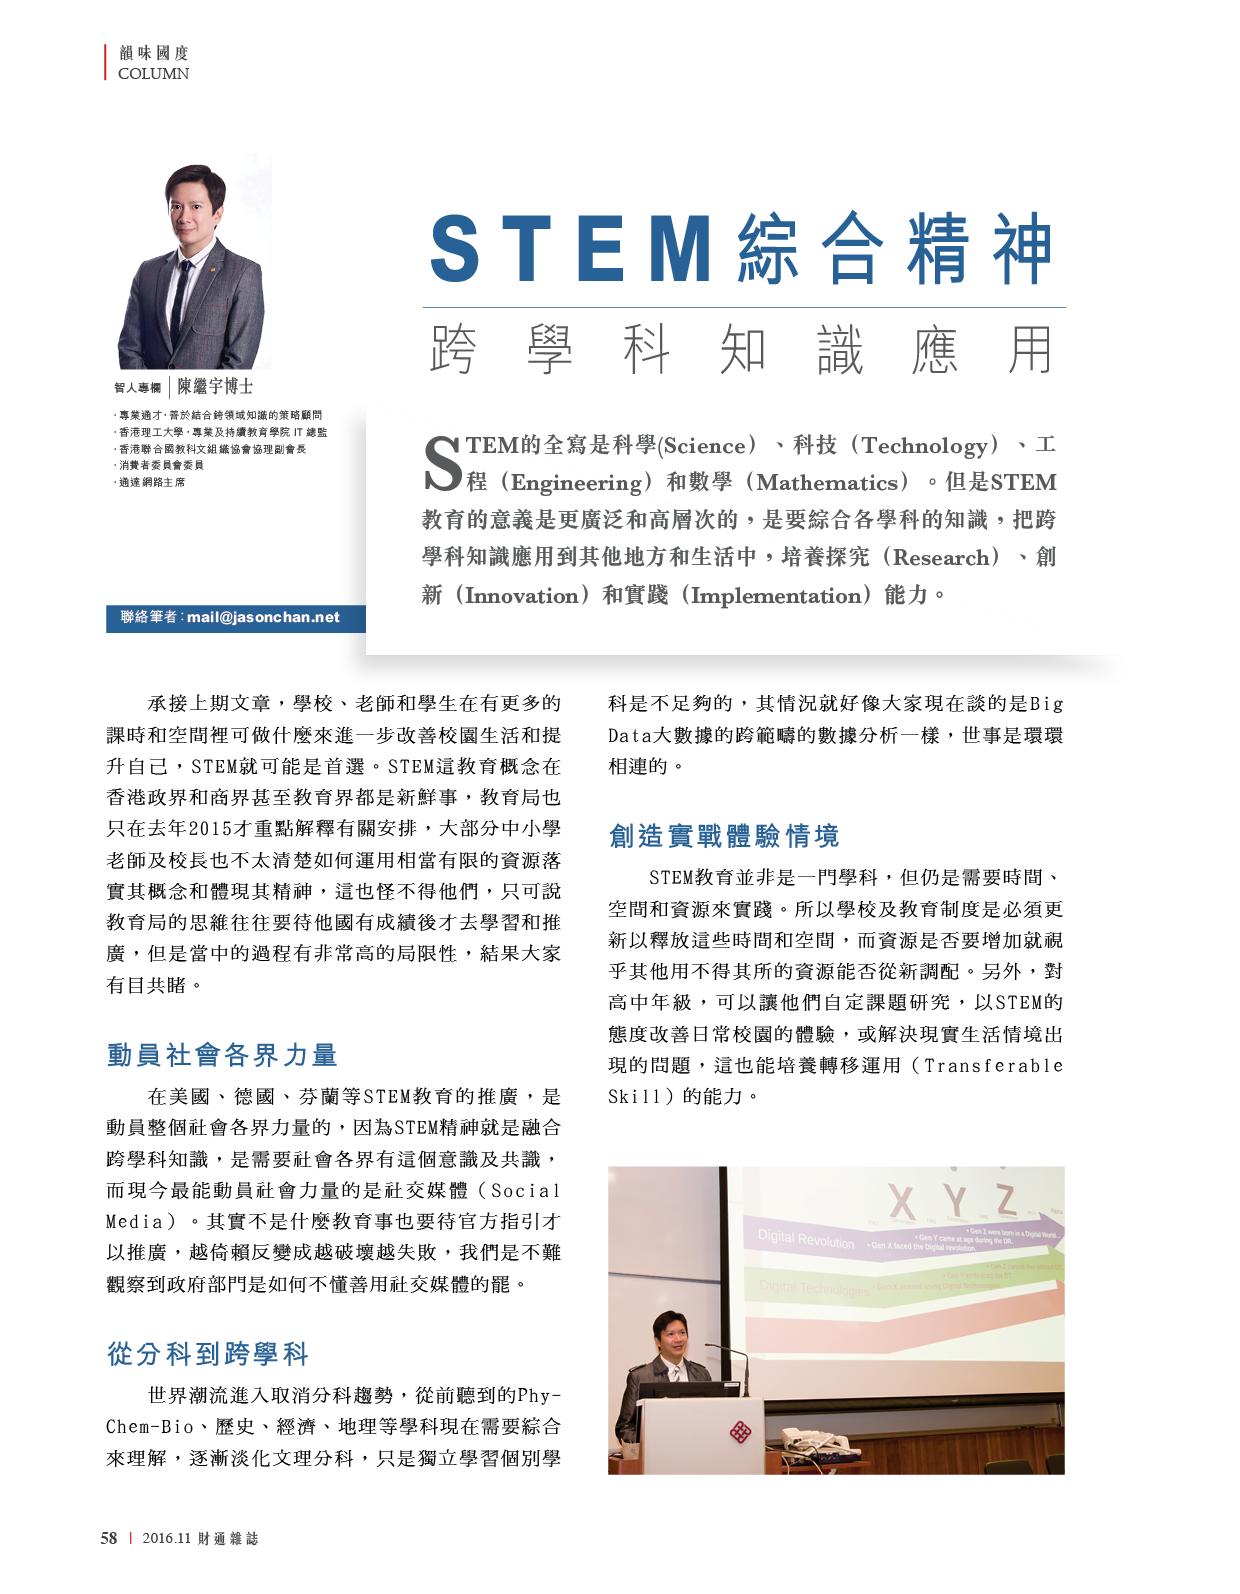 STEM综合精神 跨学科知识应用